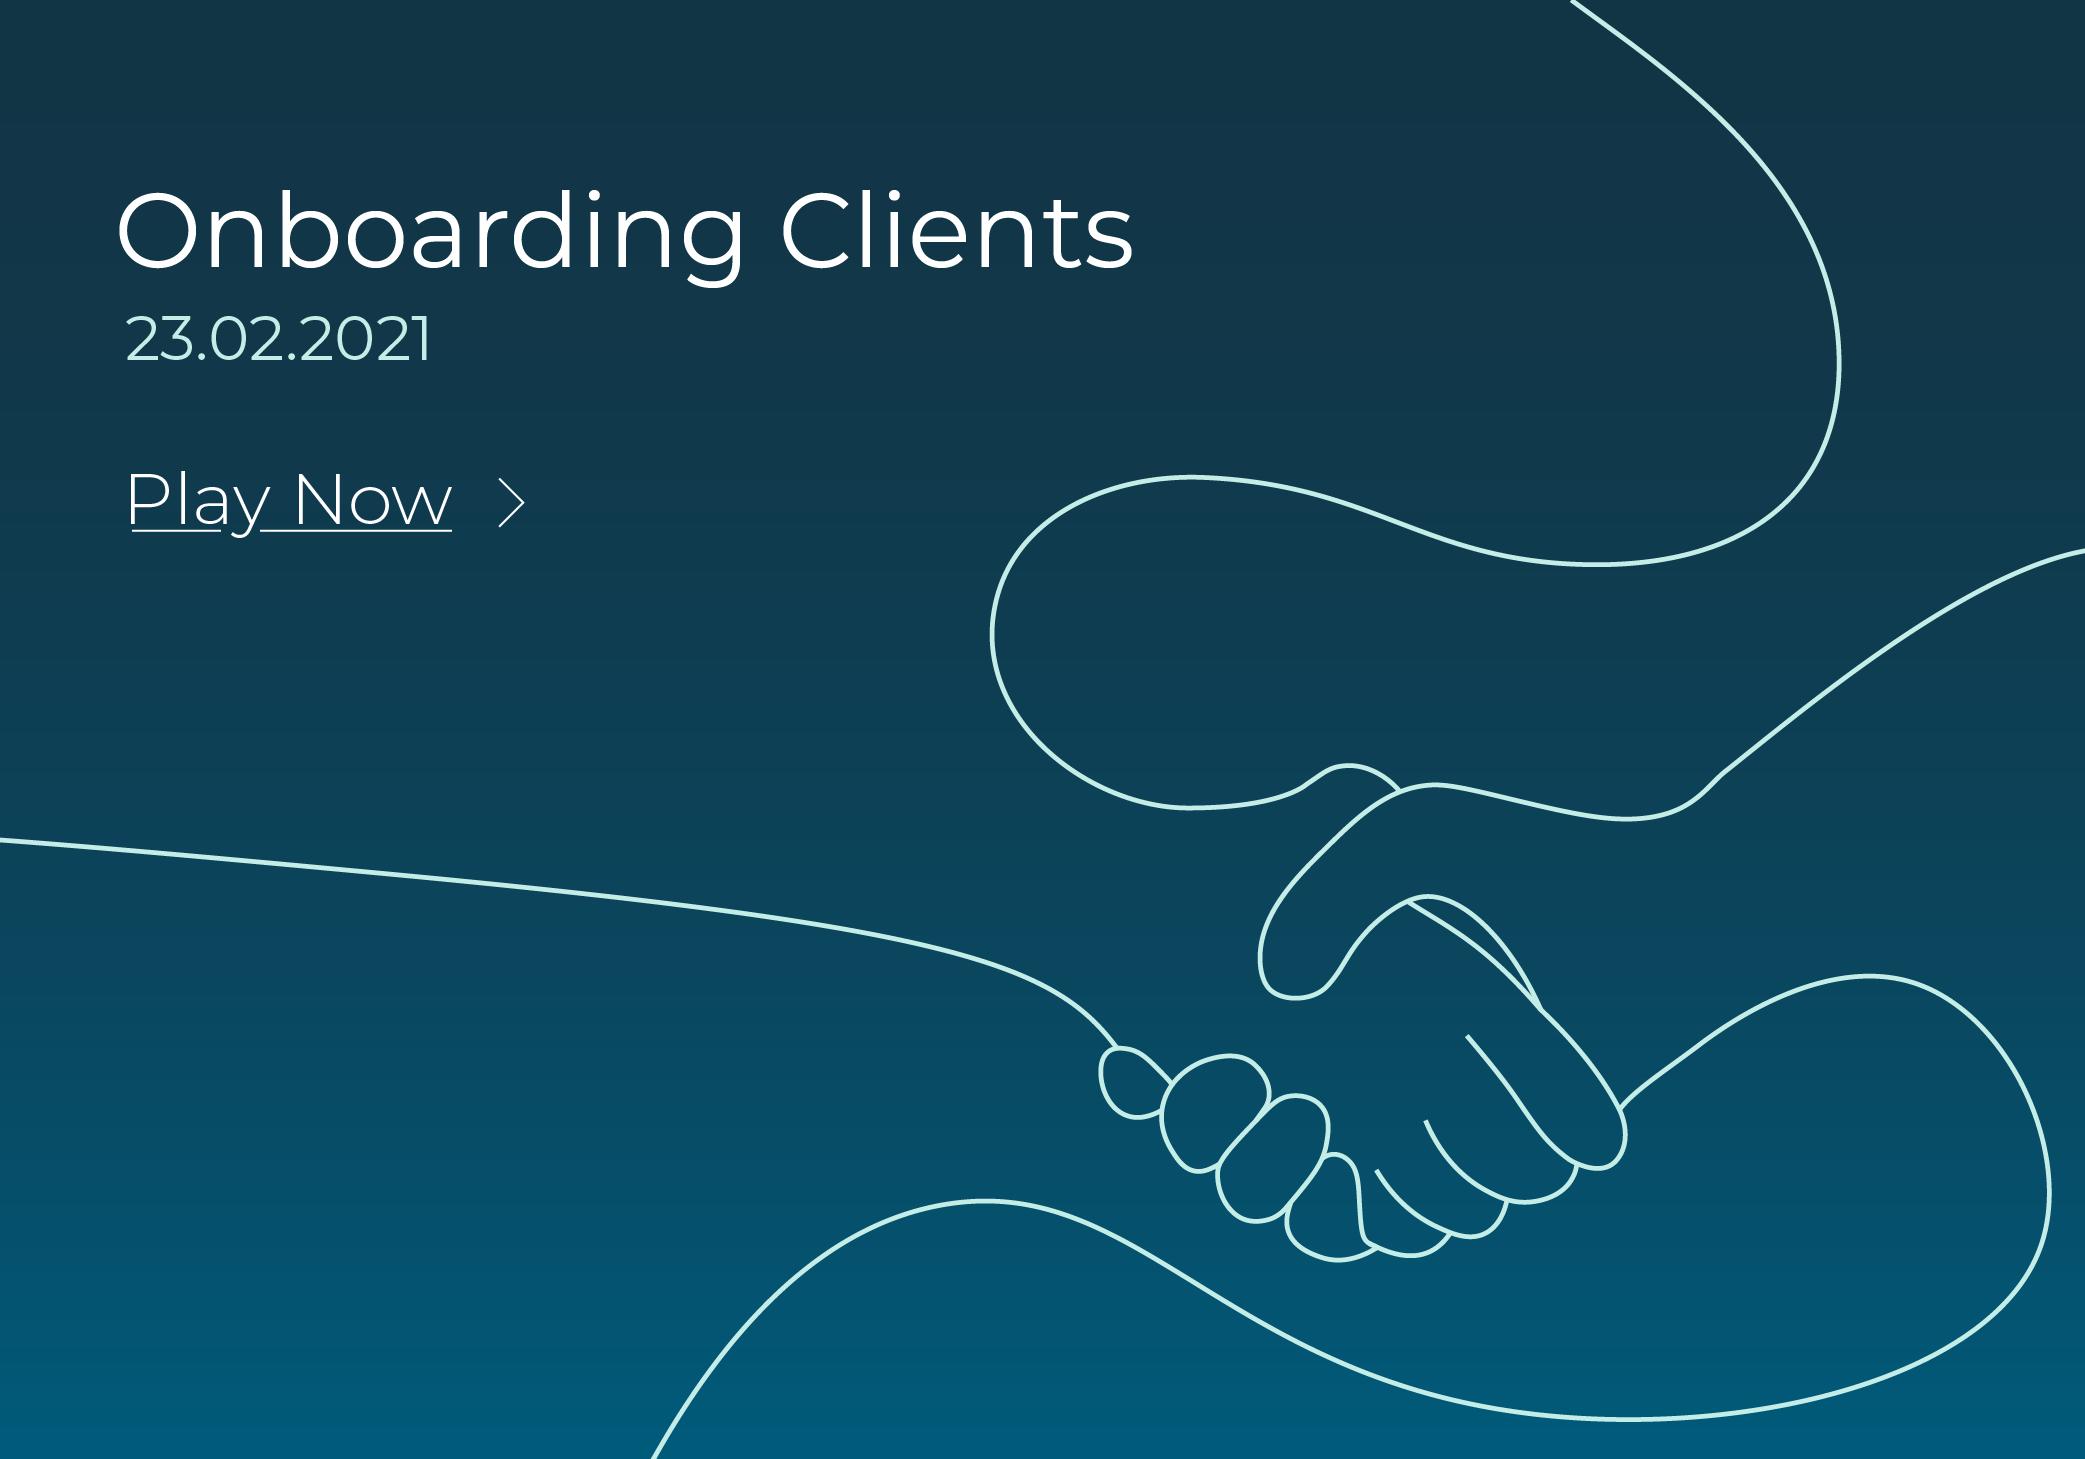 Onboarding Clients webinar